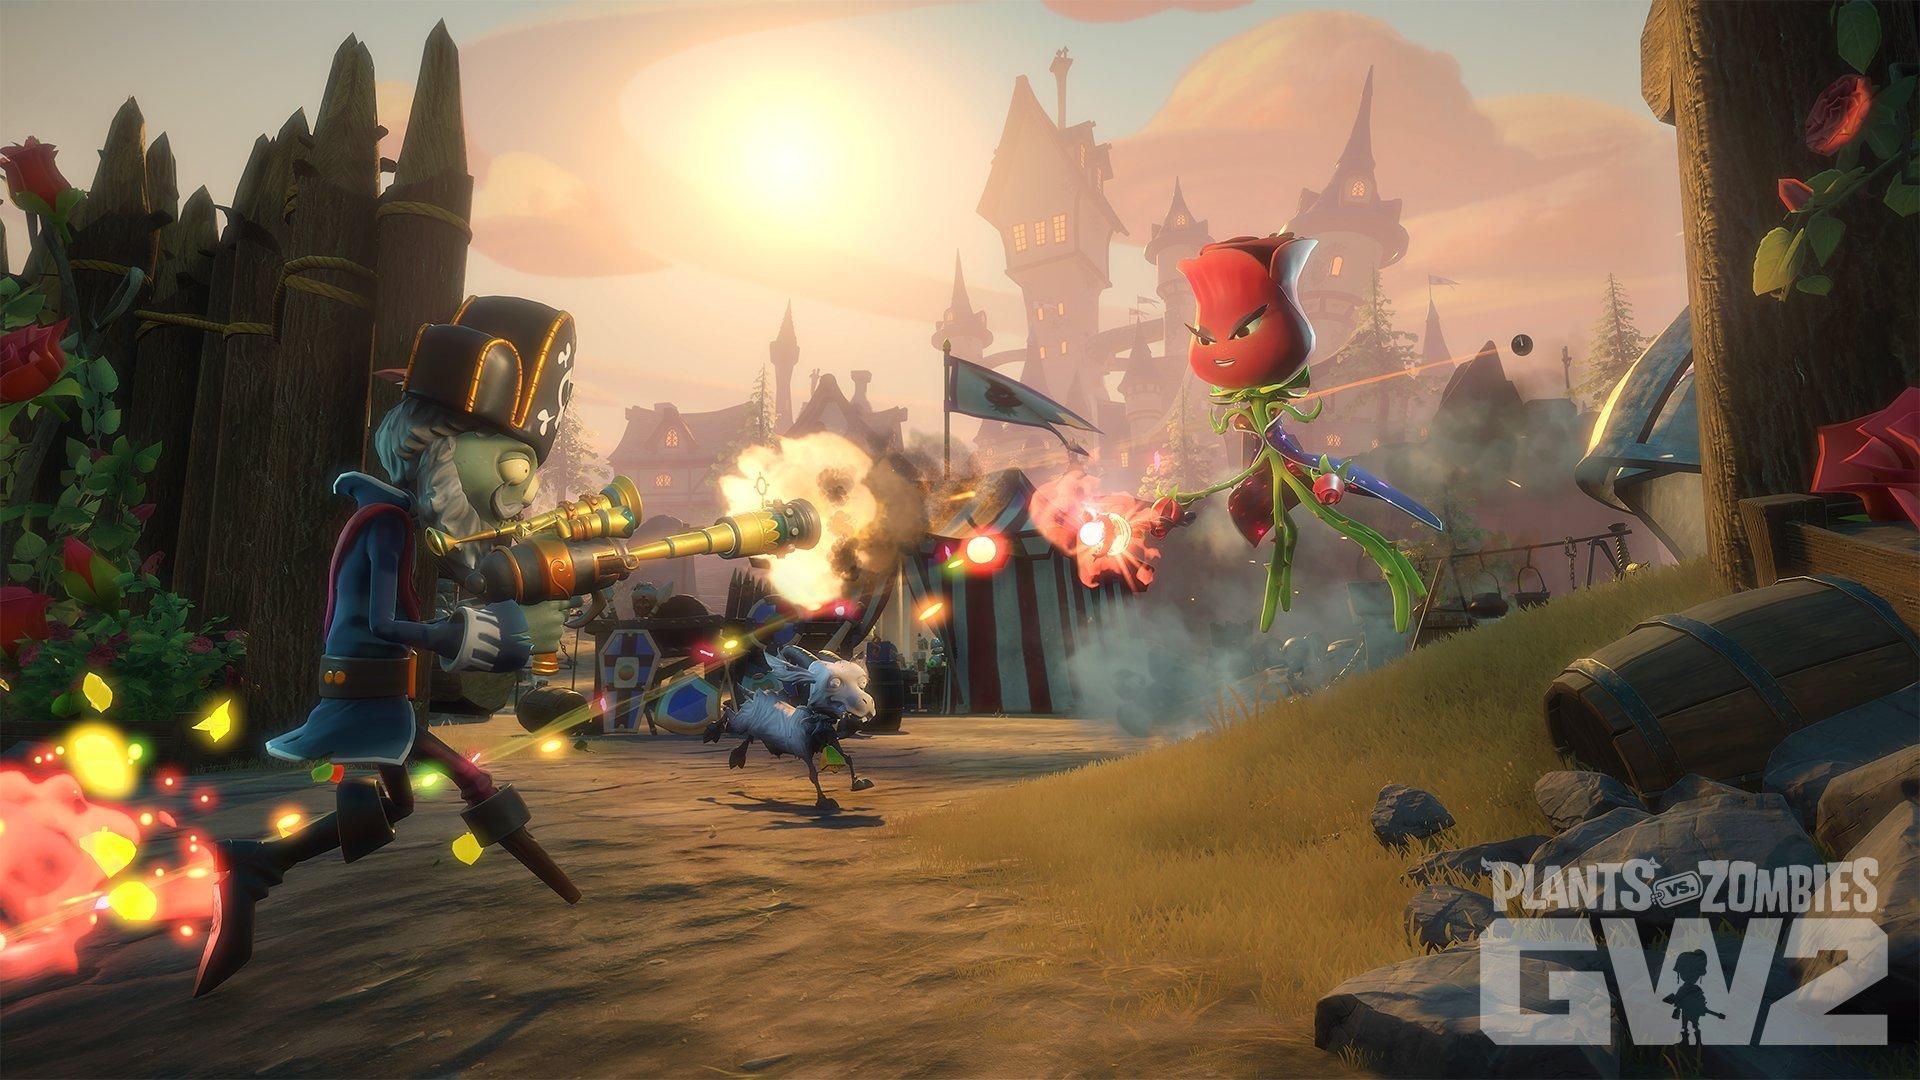 Im Genes De Plants Vs Zombies Garden Warfare 2 Para Pc